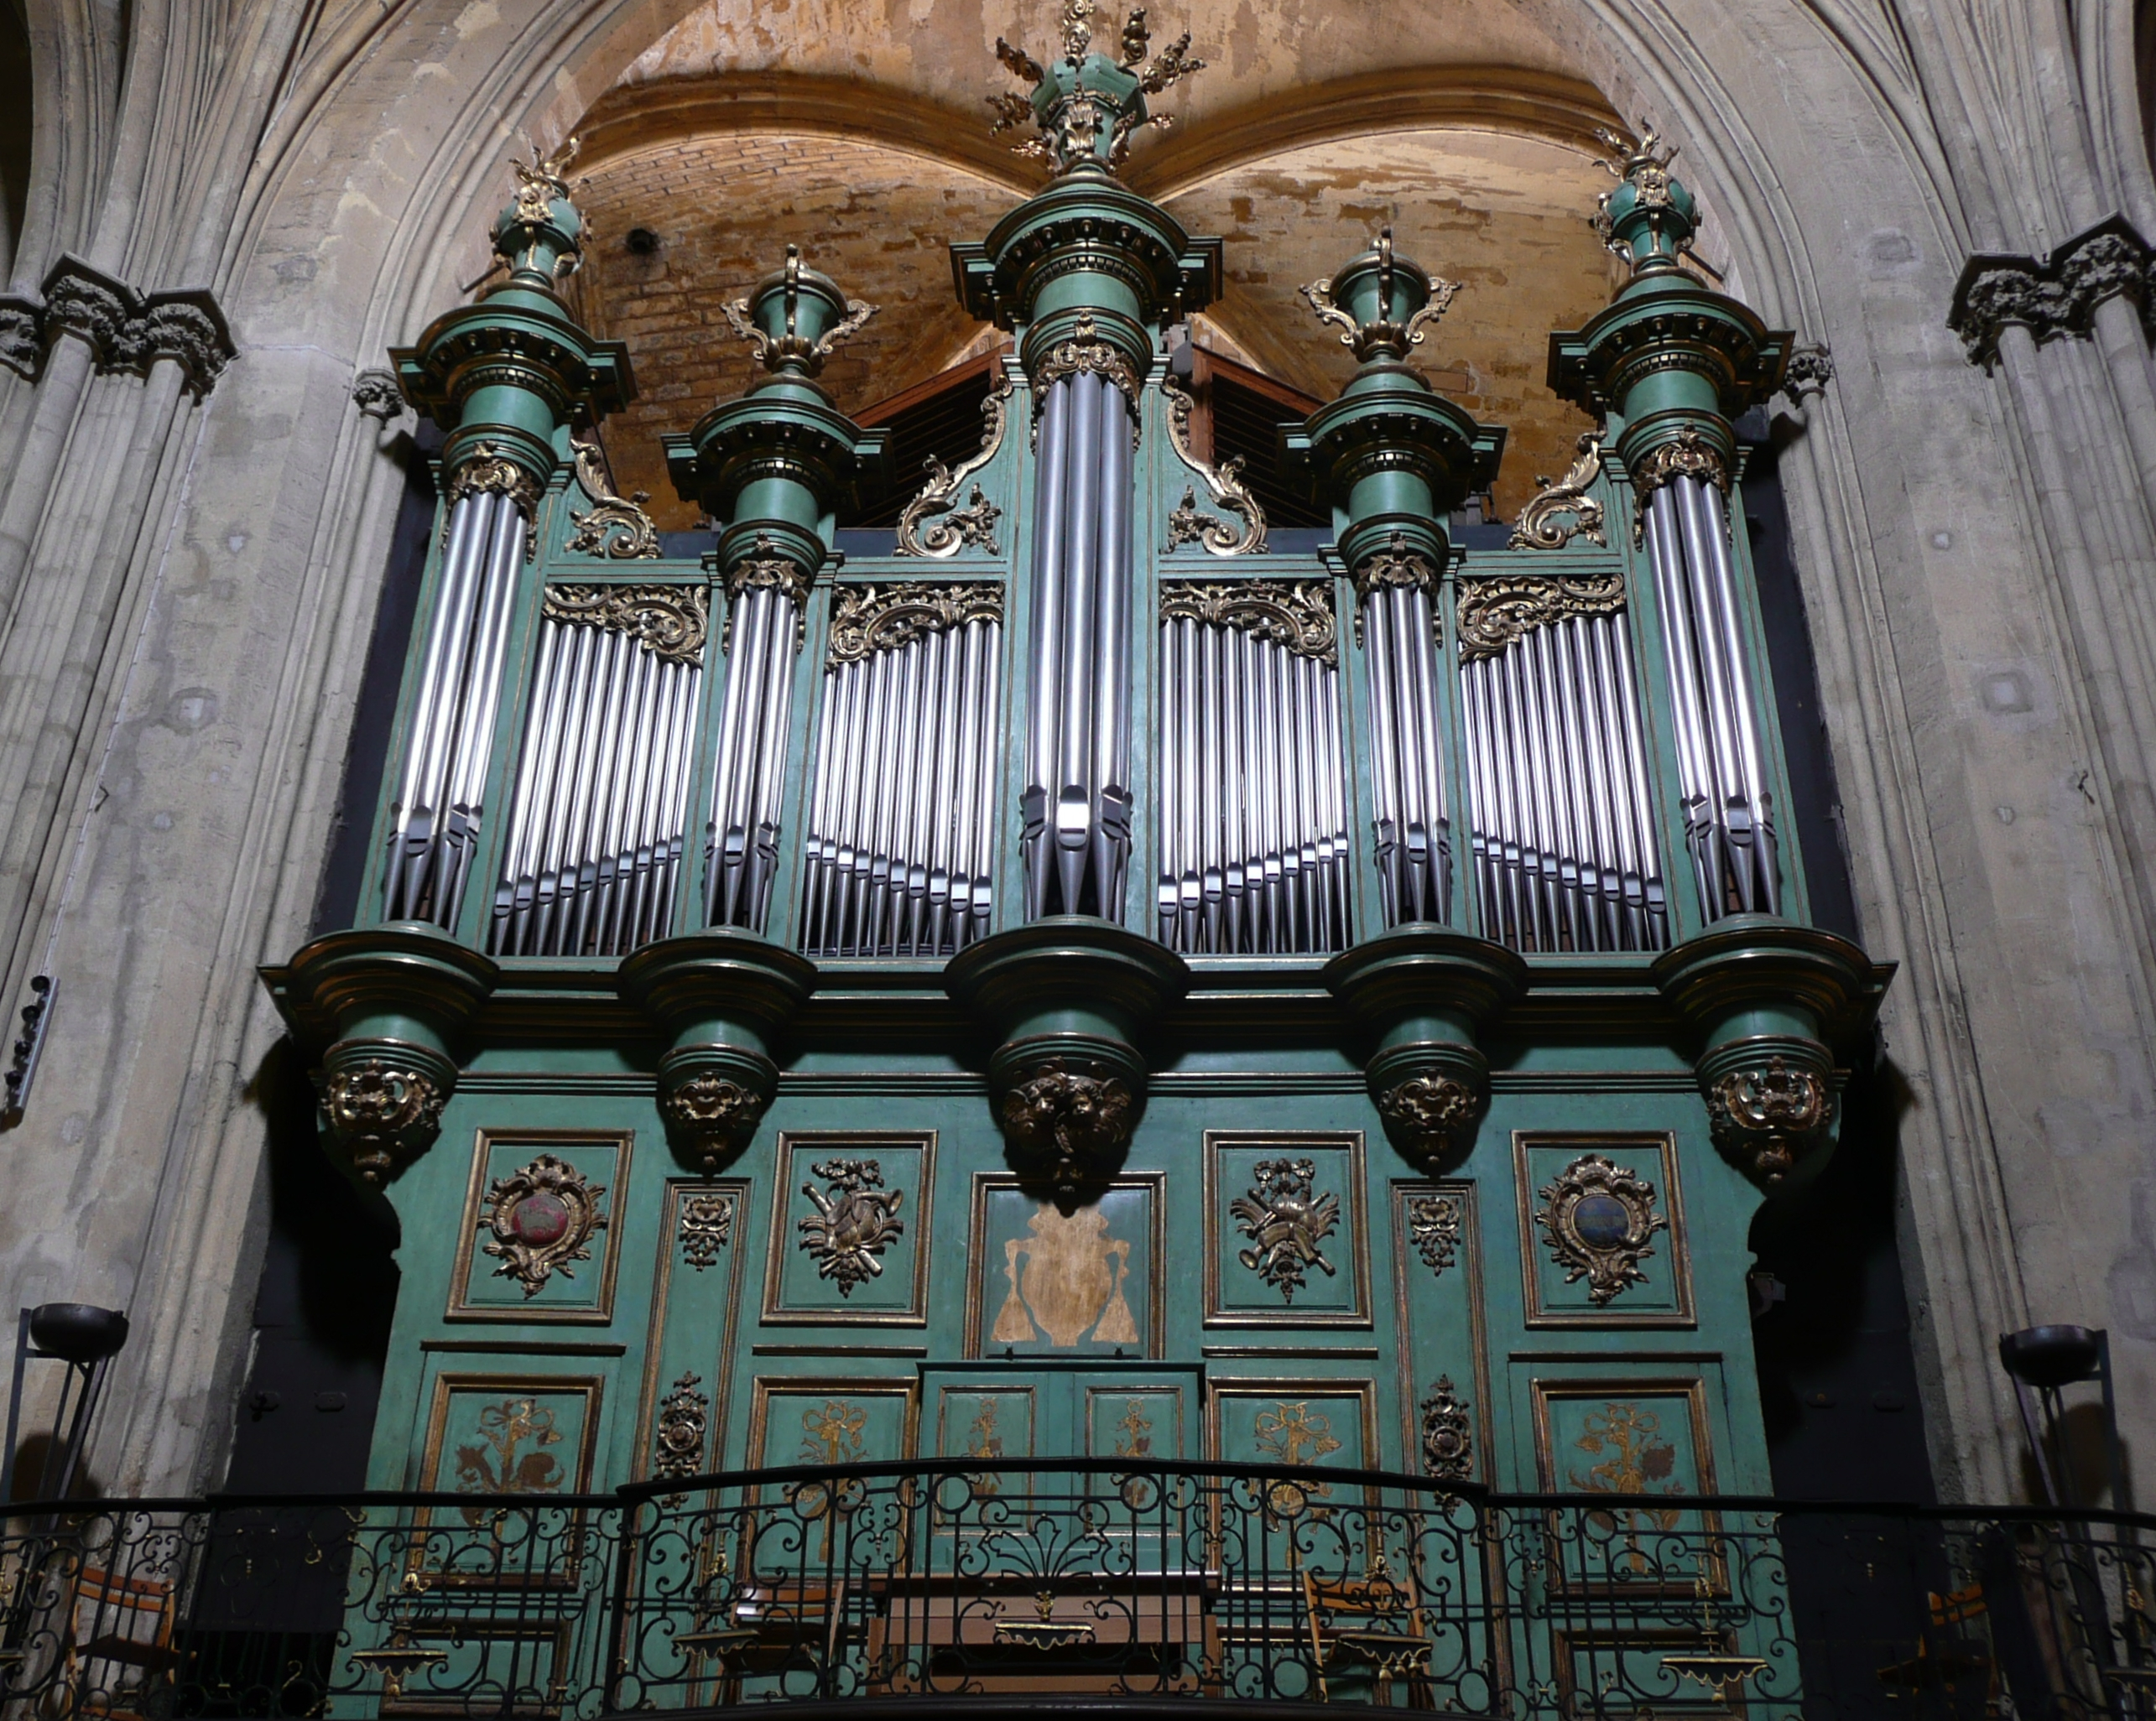 Cathédrale Saint-Sauveur, Aix-en-Provence